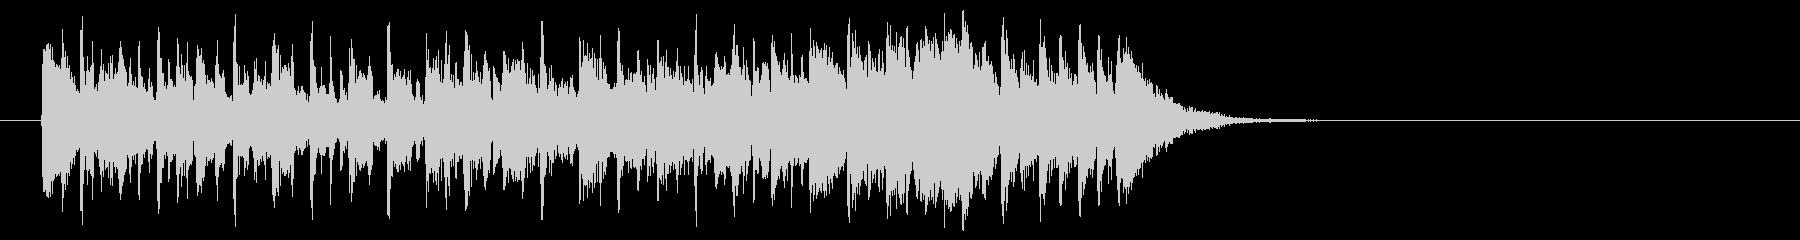 シュプールを描くポップ(Bメロ)の未再生の波形